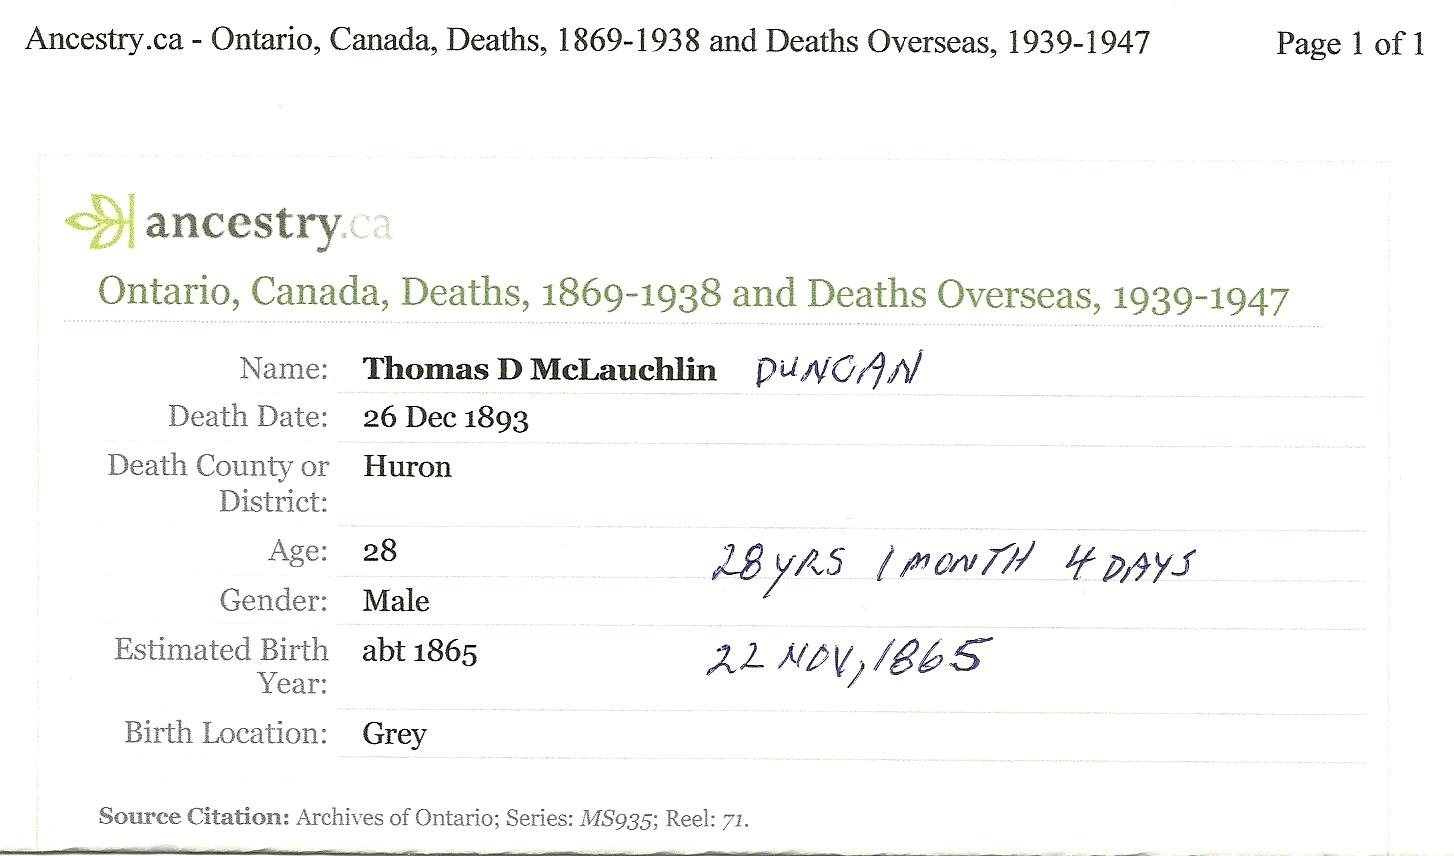 Thomas x1 Duncan McLauchlin